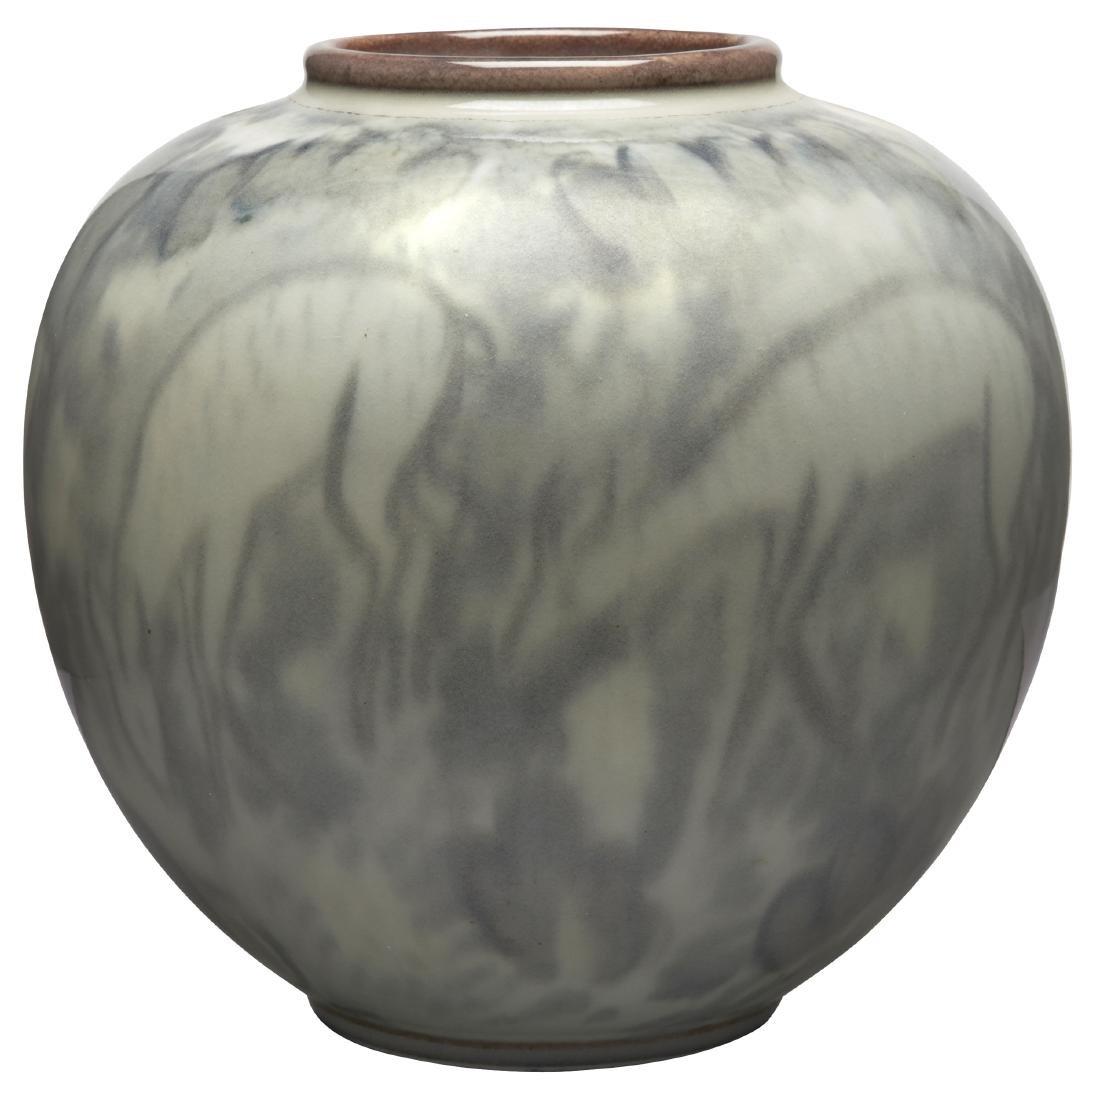 Jens Jensen for Rookwood Pottery vase - 2